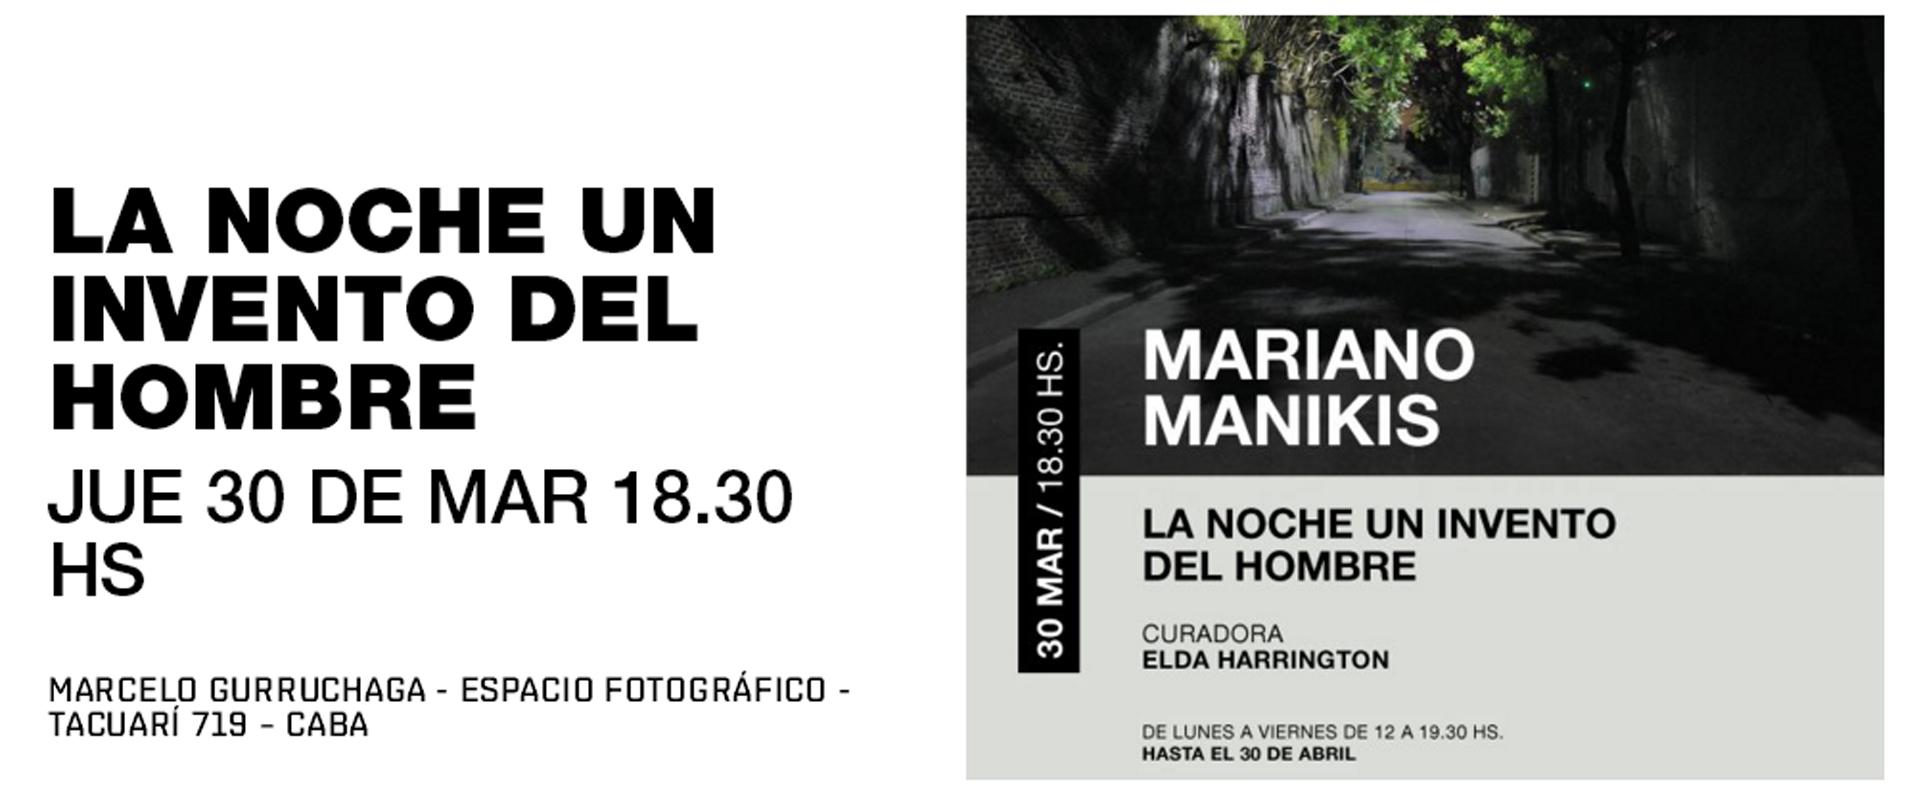 Mariano Manikis